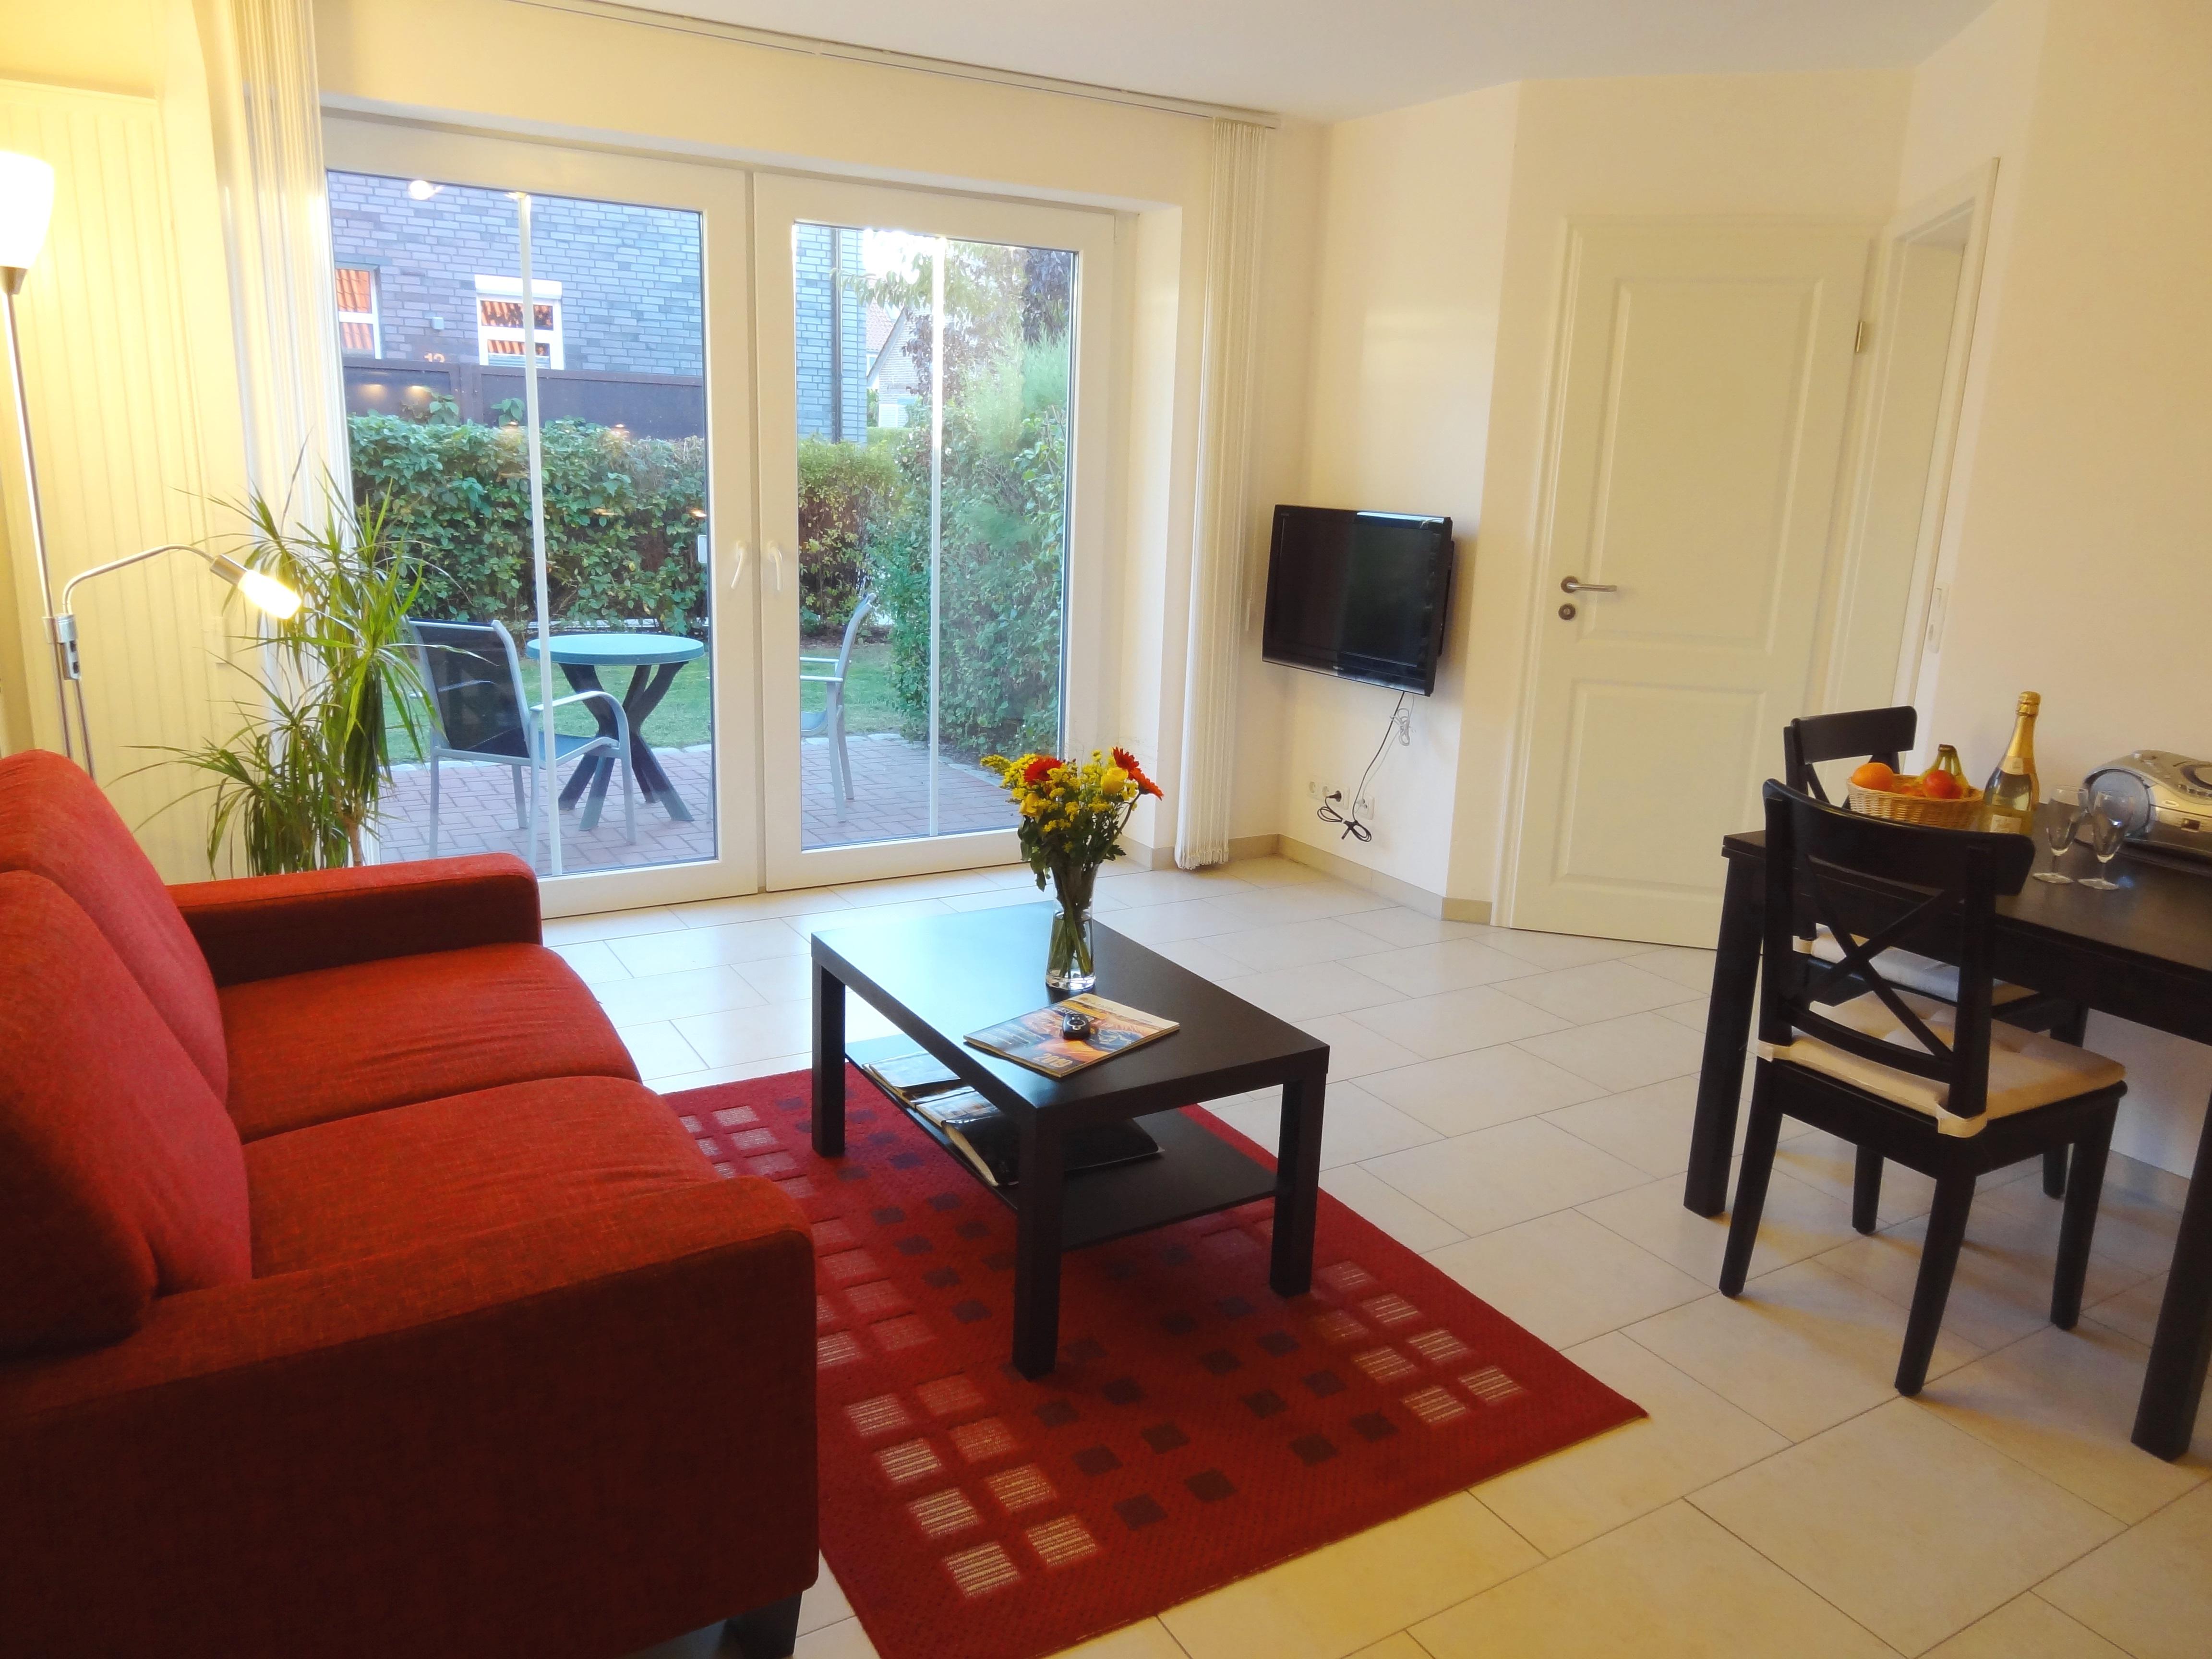 Wohnzimmer mit Terrasse der Ferienwohnung Witten von Ferienwohnungen Hass auf Fehmarn